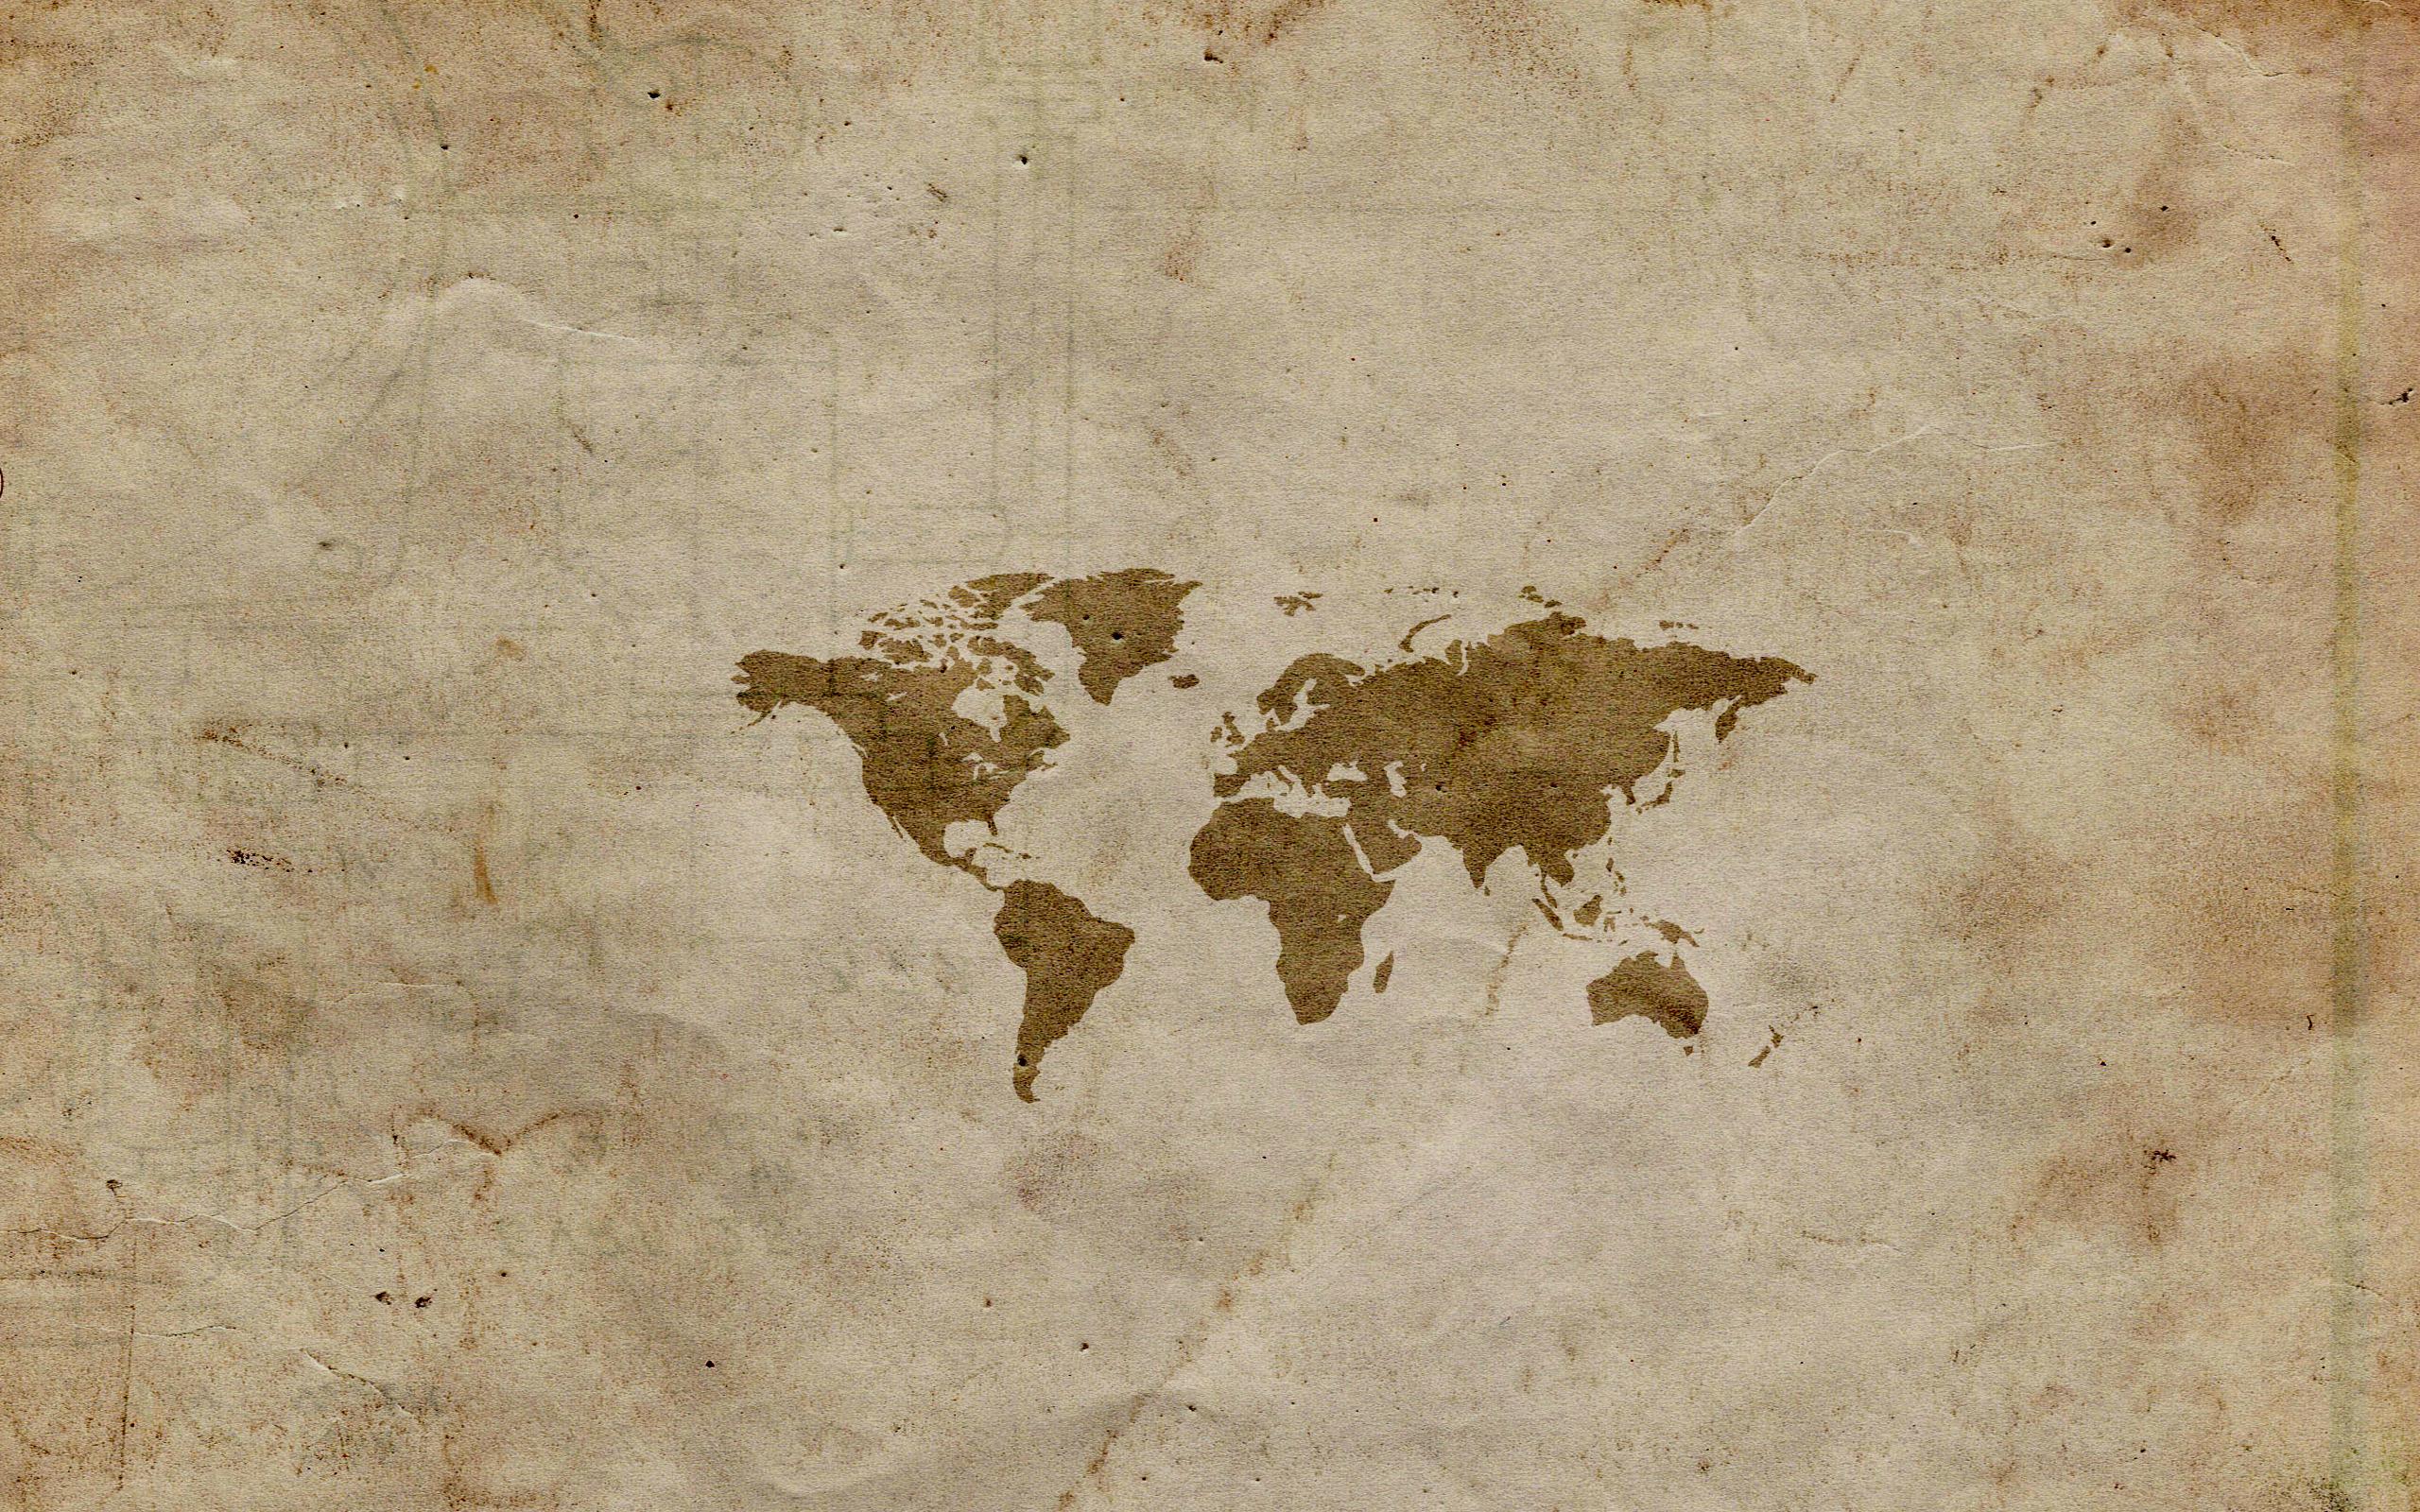 Как сохранить карту яндекс как картинку